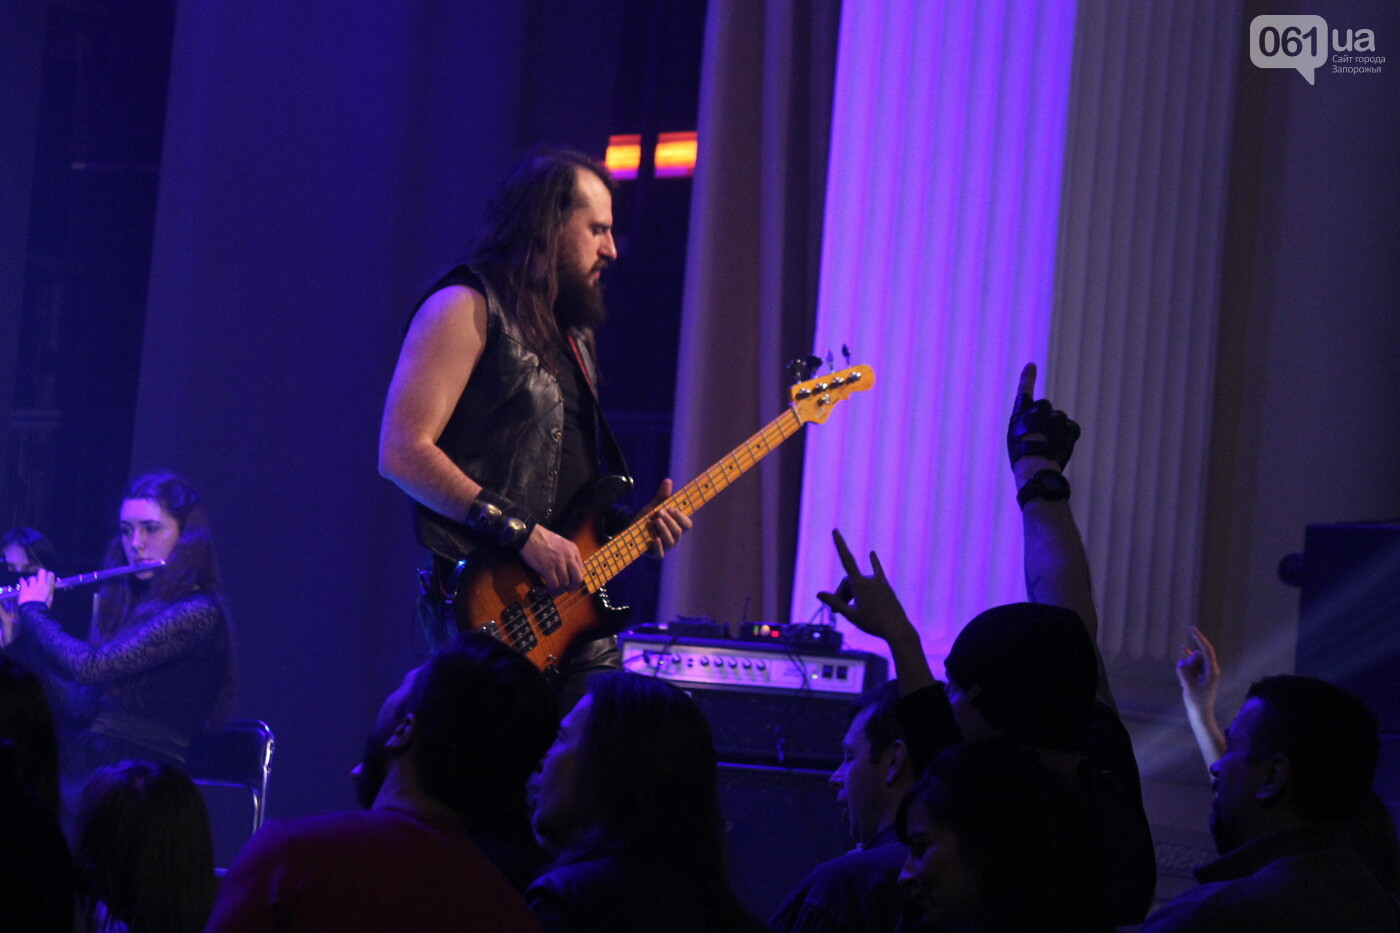 Тяжелый рок в симфоническом звучании: каким было Hard Rock Show в Запорожье, – ФОТОРЕПОРТАЖ, фото-12